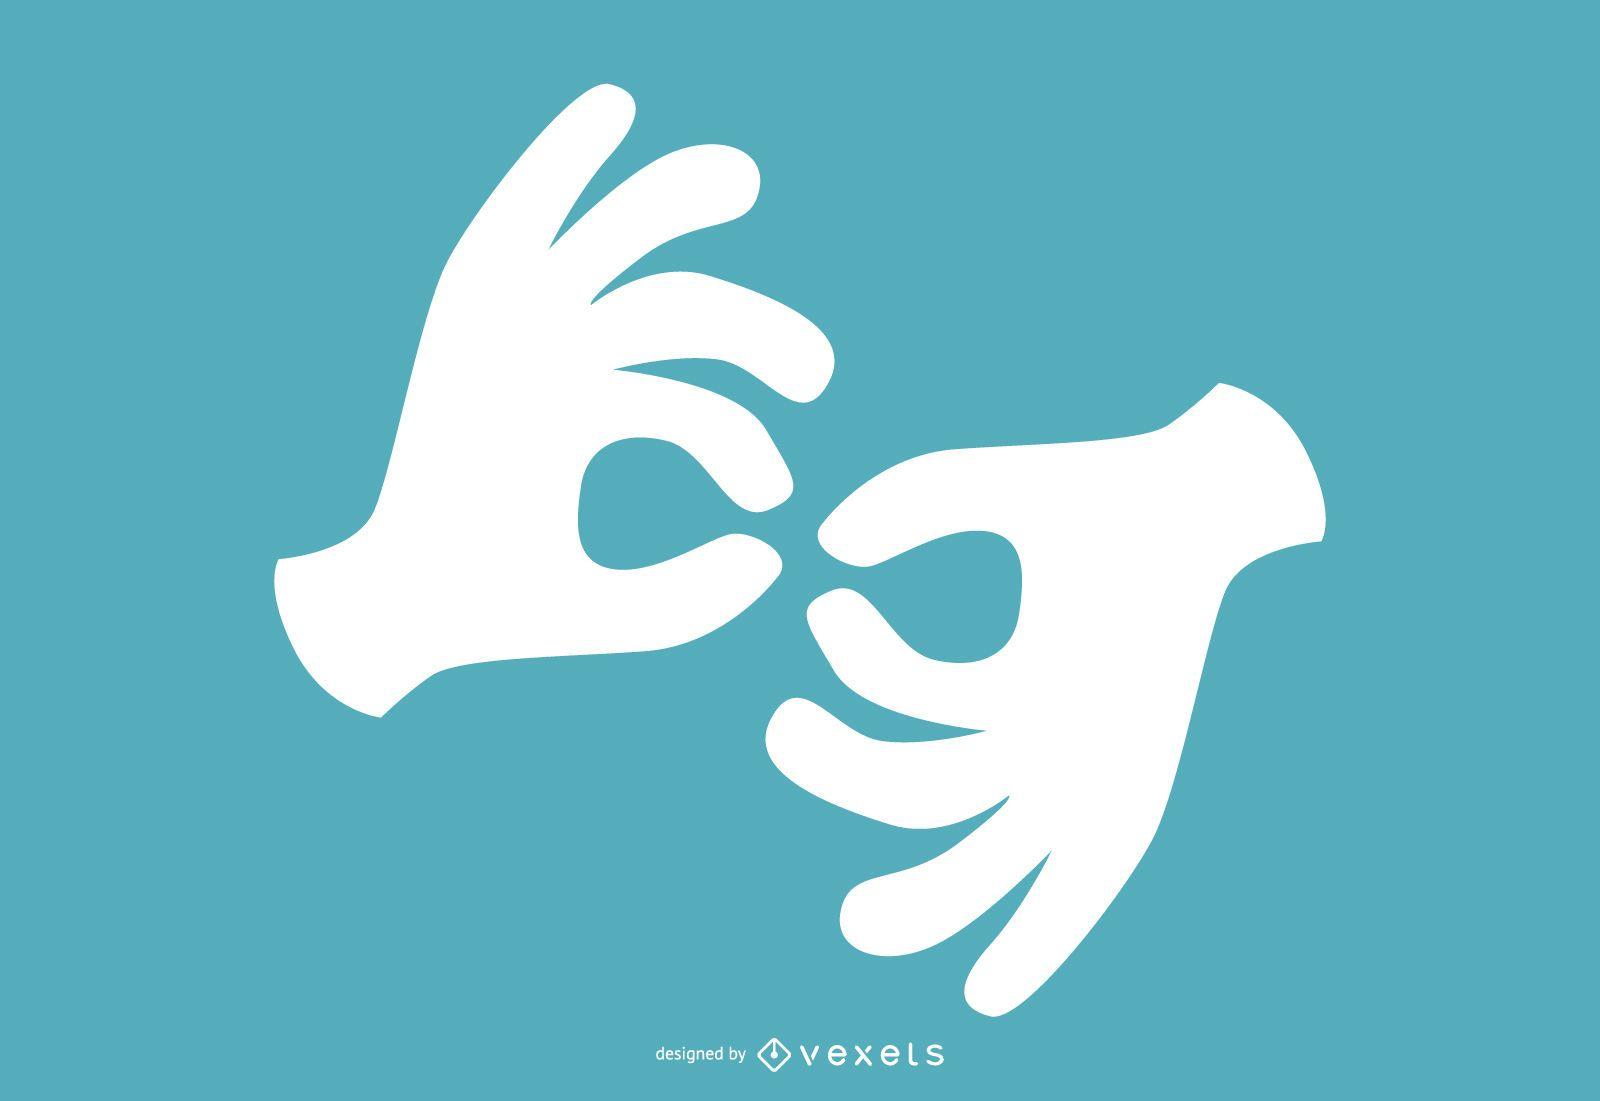 sign language design